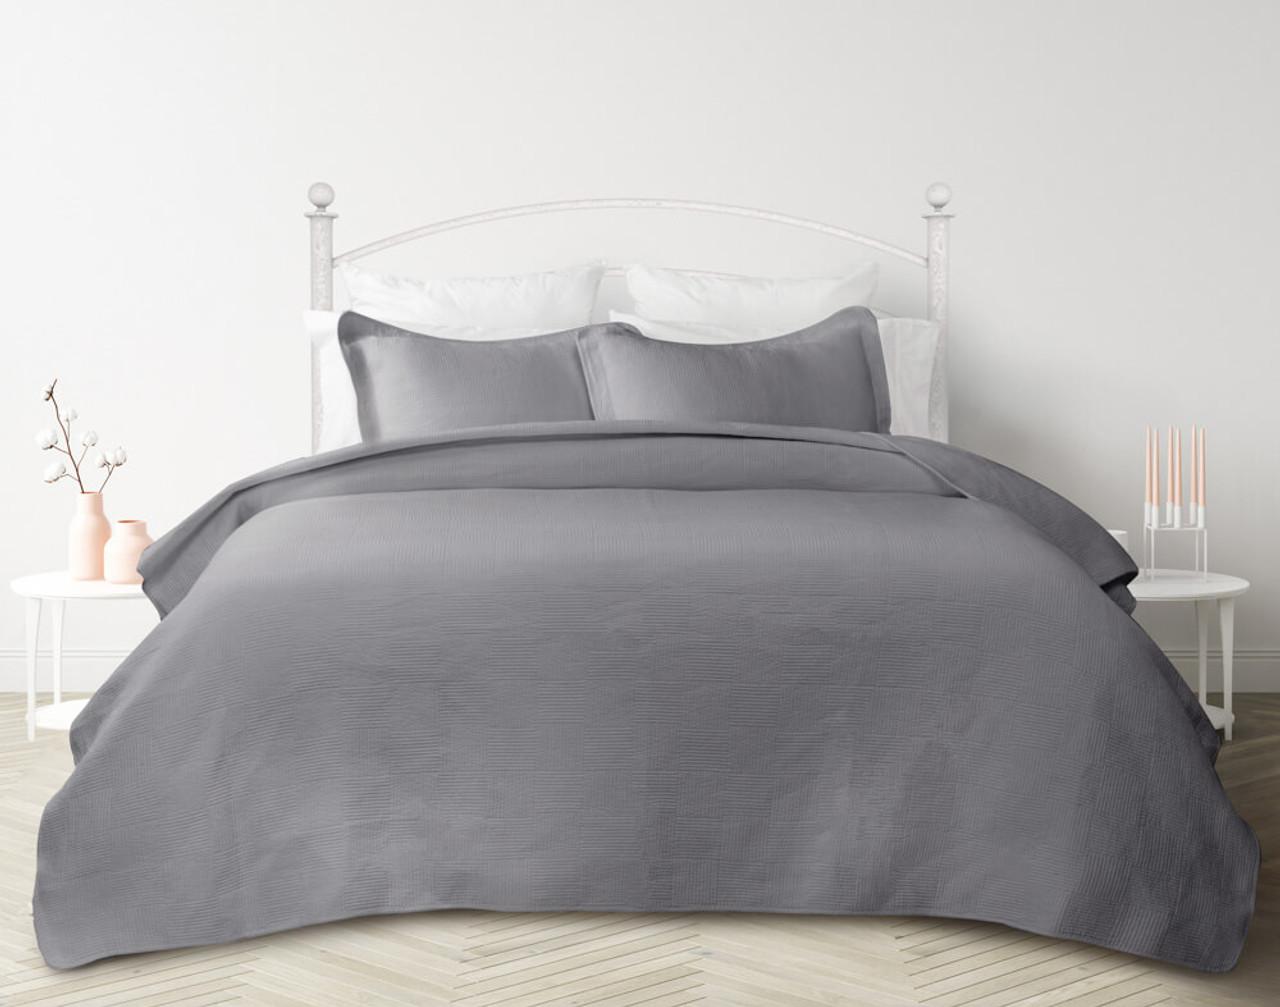 Kenzie Cotton Quilt Set in Sleet Grey